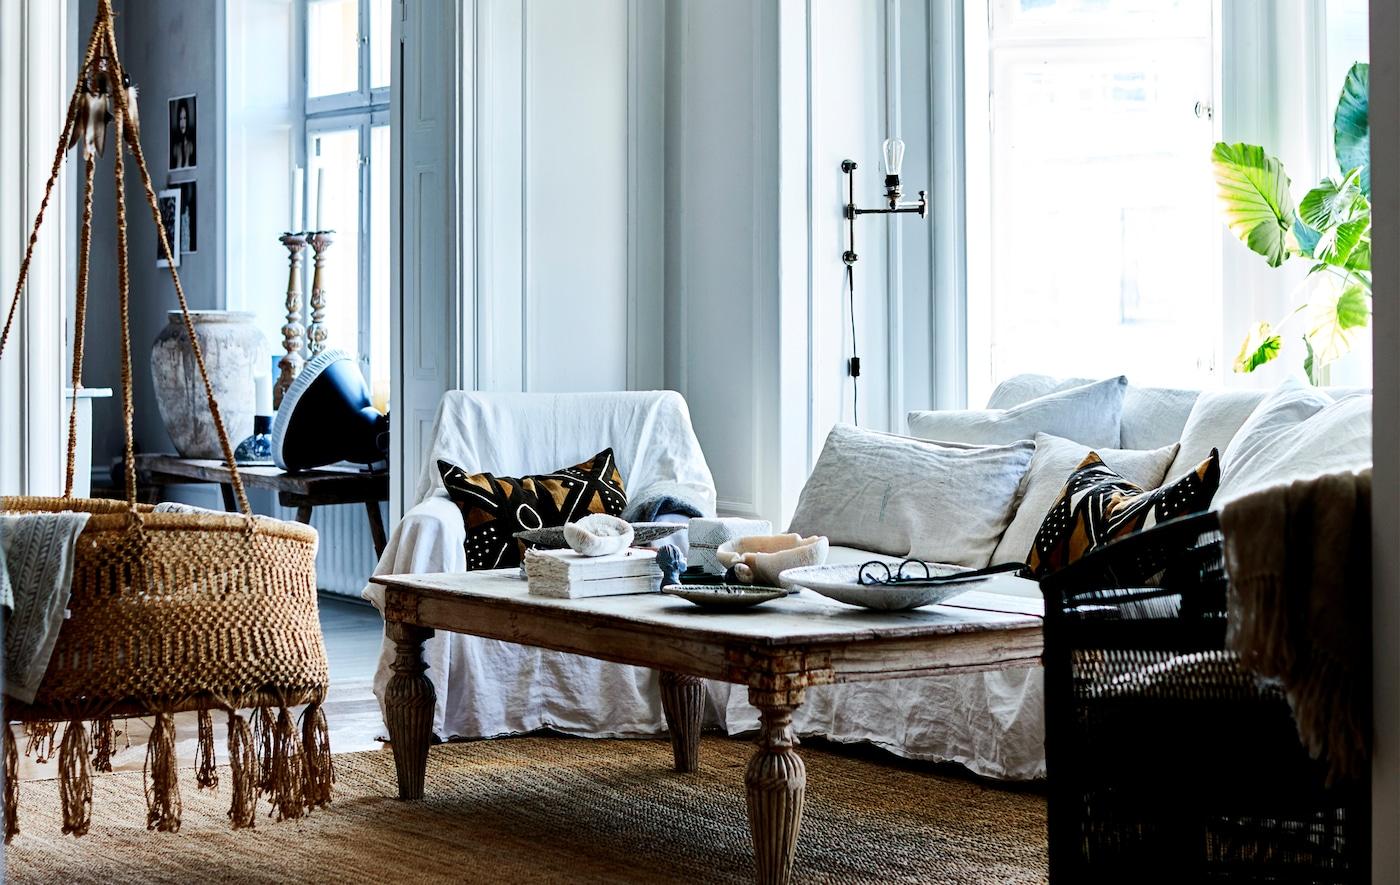 Ein Wohnzimmer mit einem weißen Sofa, einem rustikalen Tisch und einem Hängesessel aus Rattan